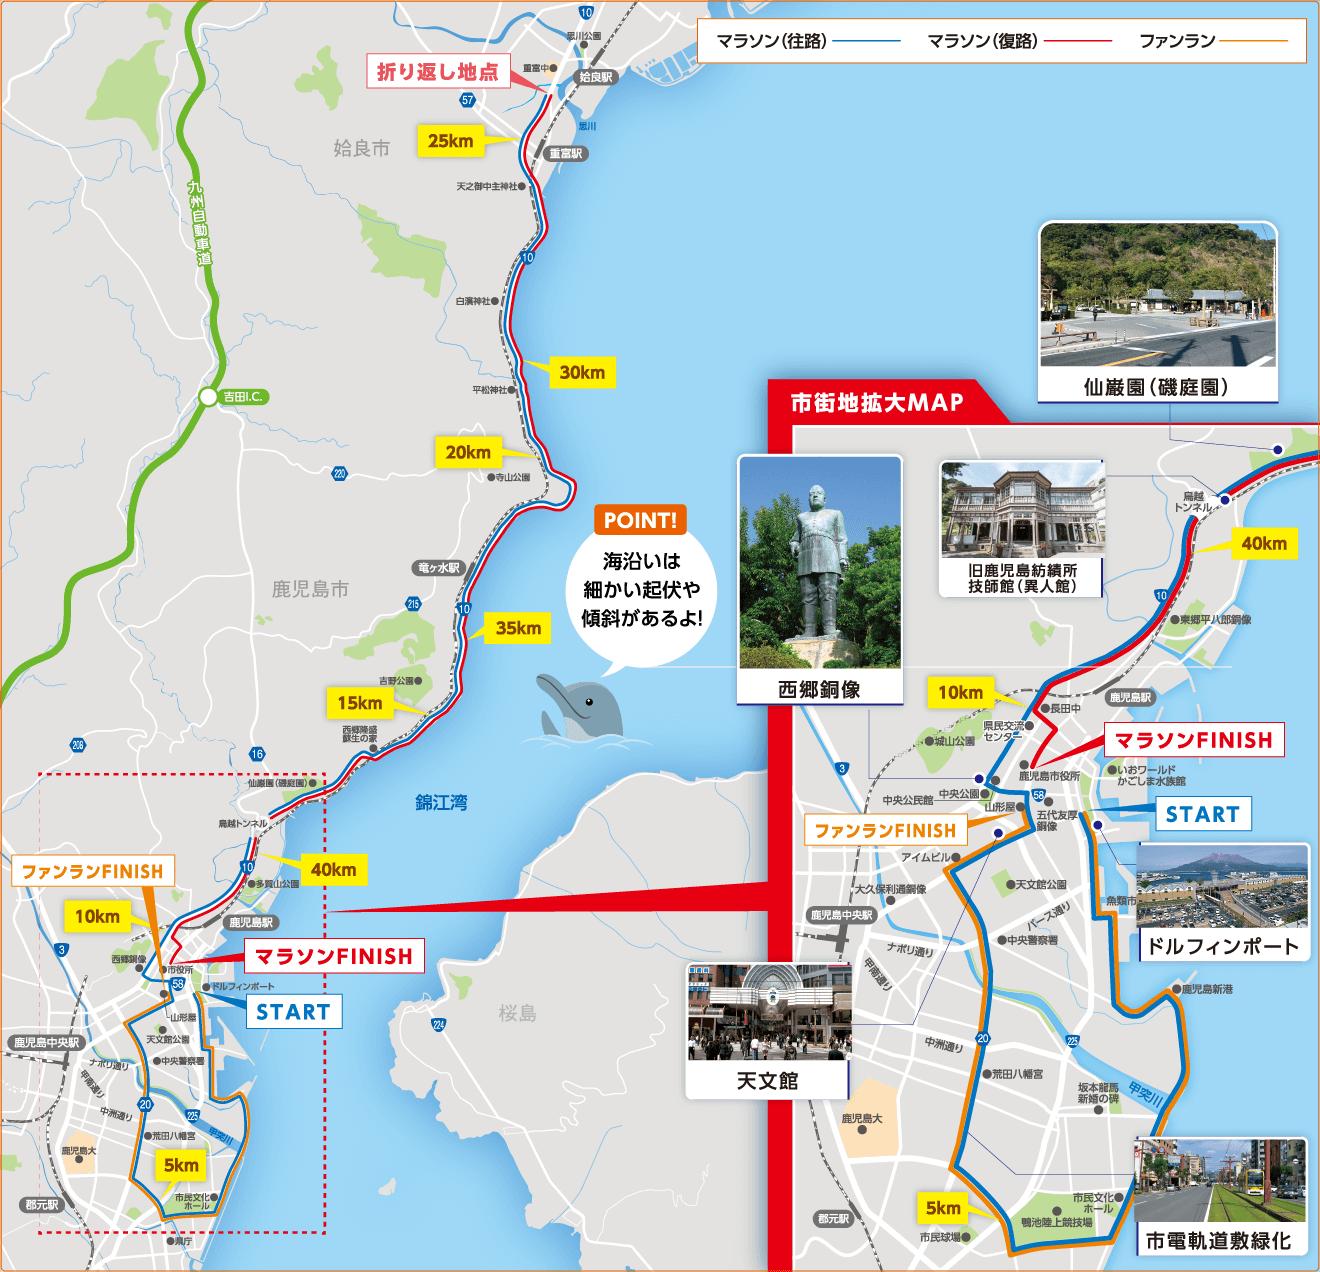 大会情報 コース | 鹿児島マラソ...